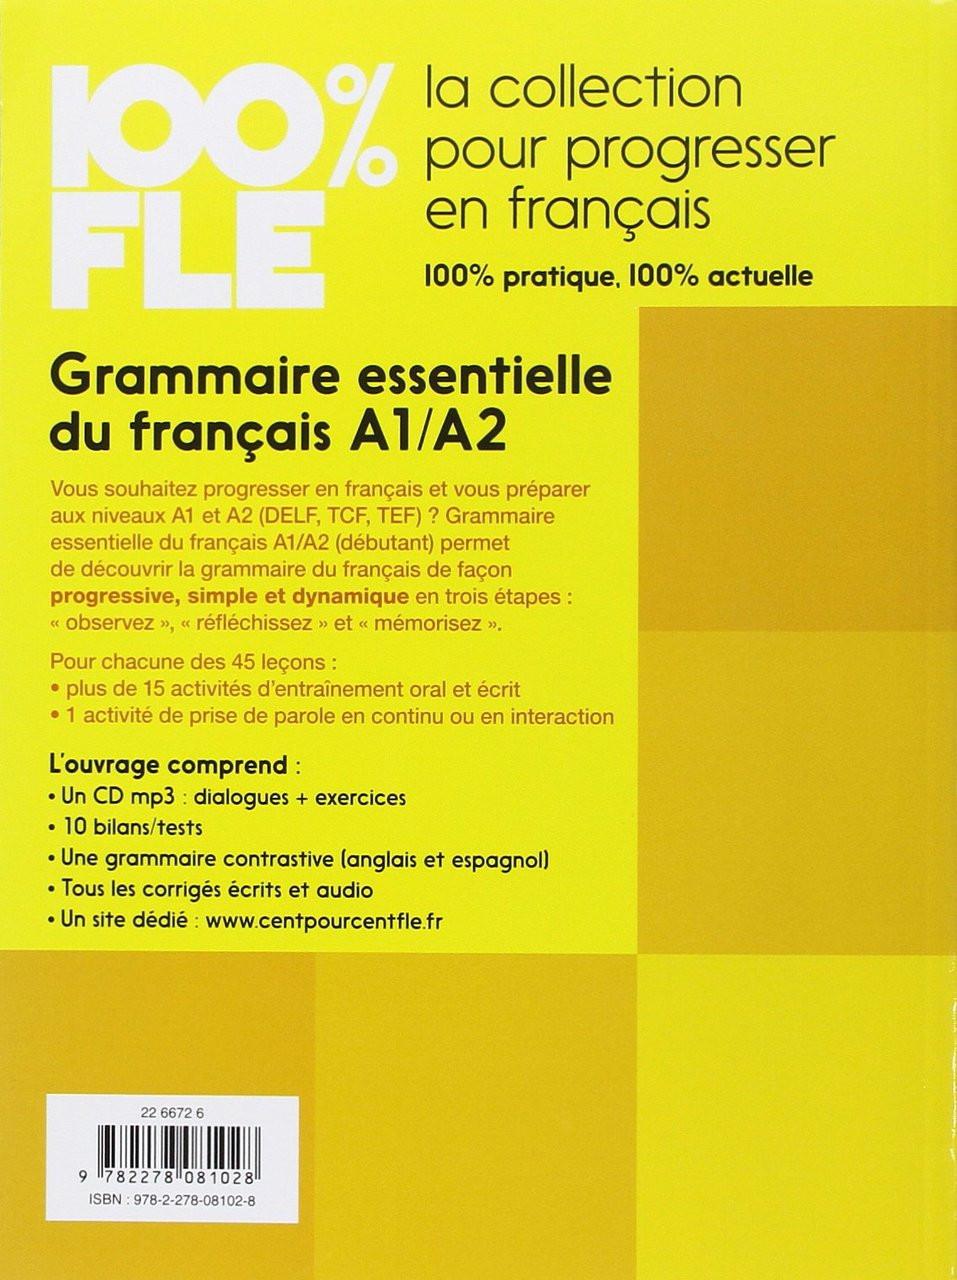 100 Fle Grammaire Essentielle Francais A2 Livre Cdmp3